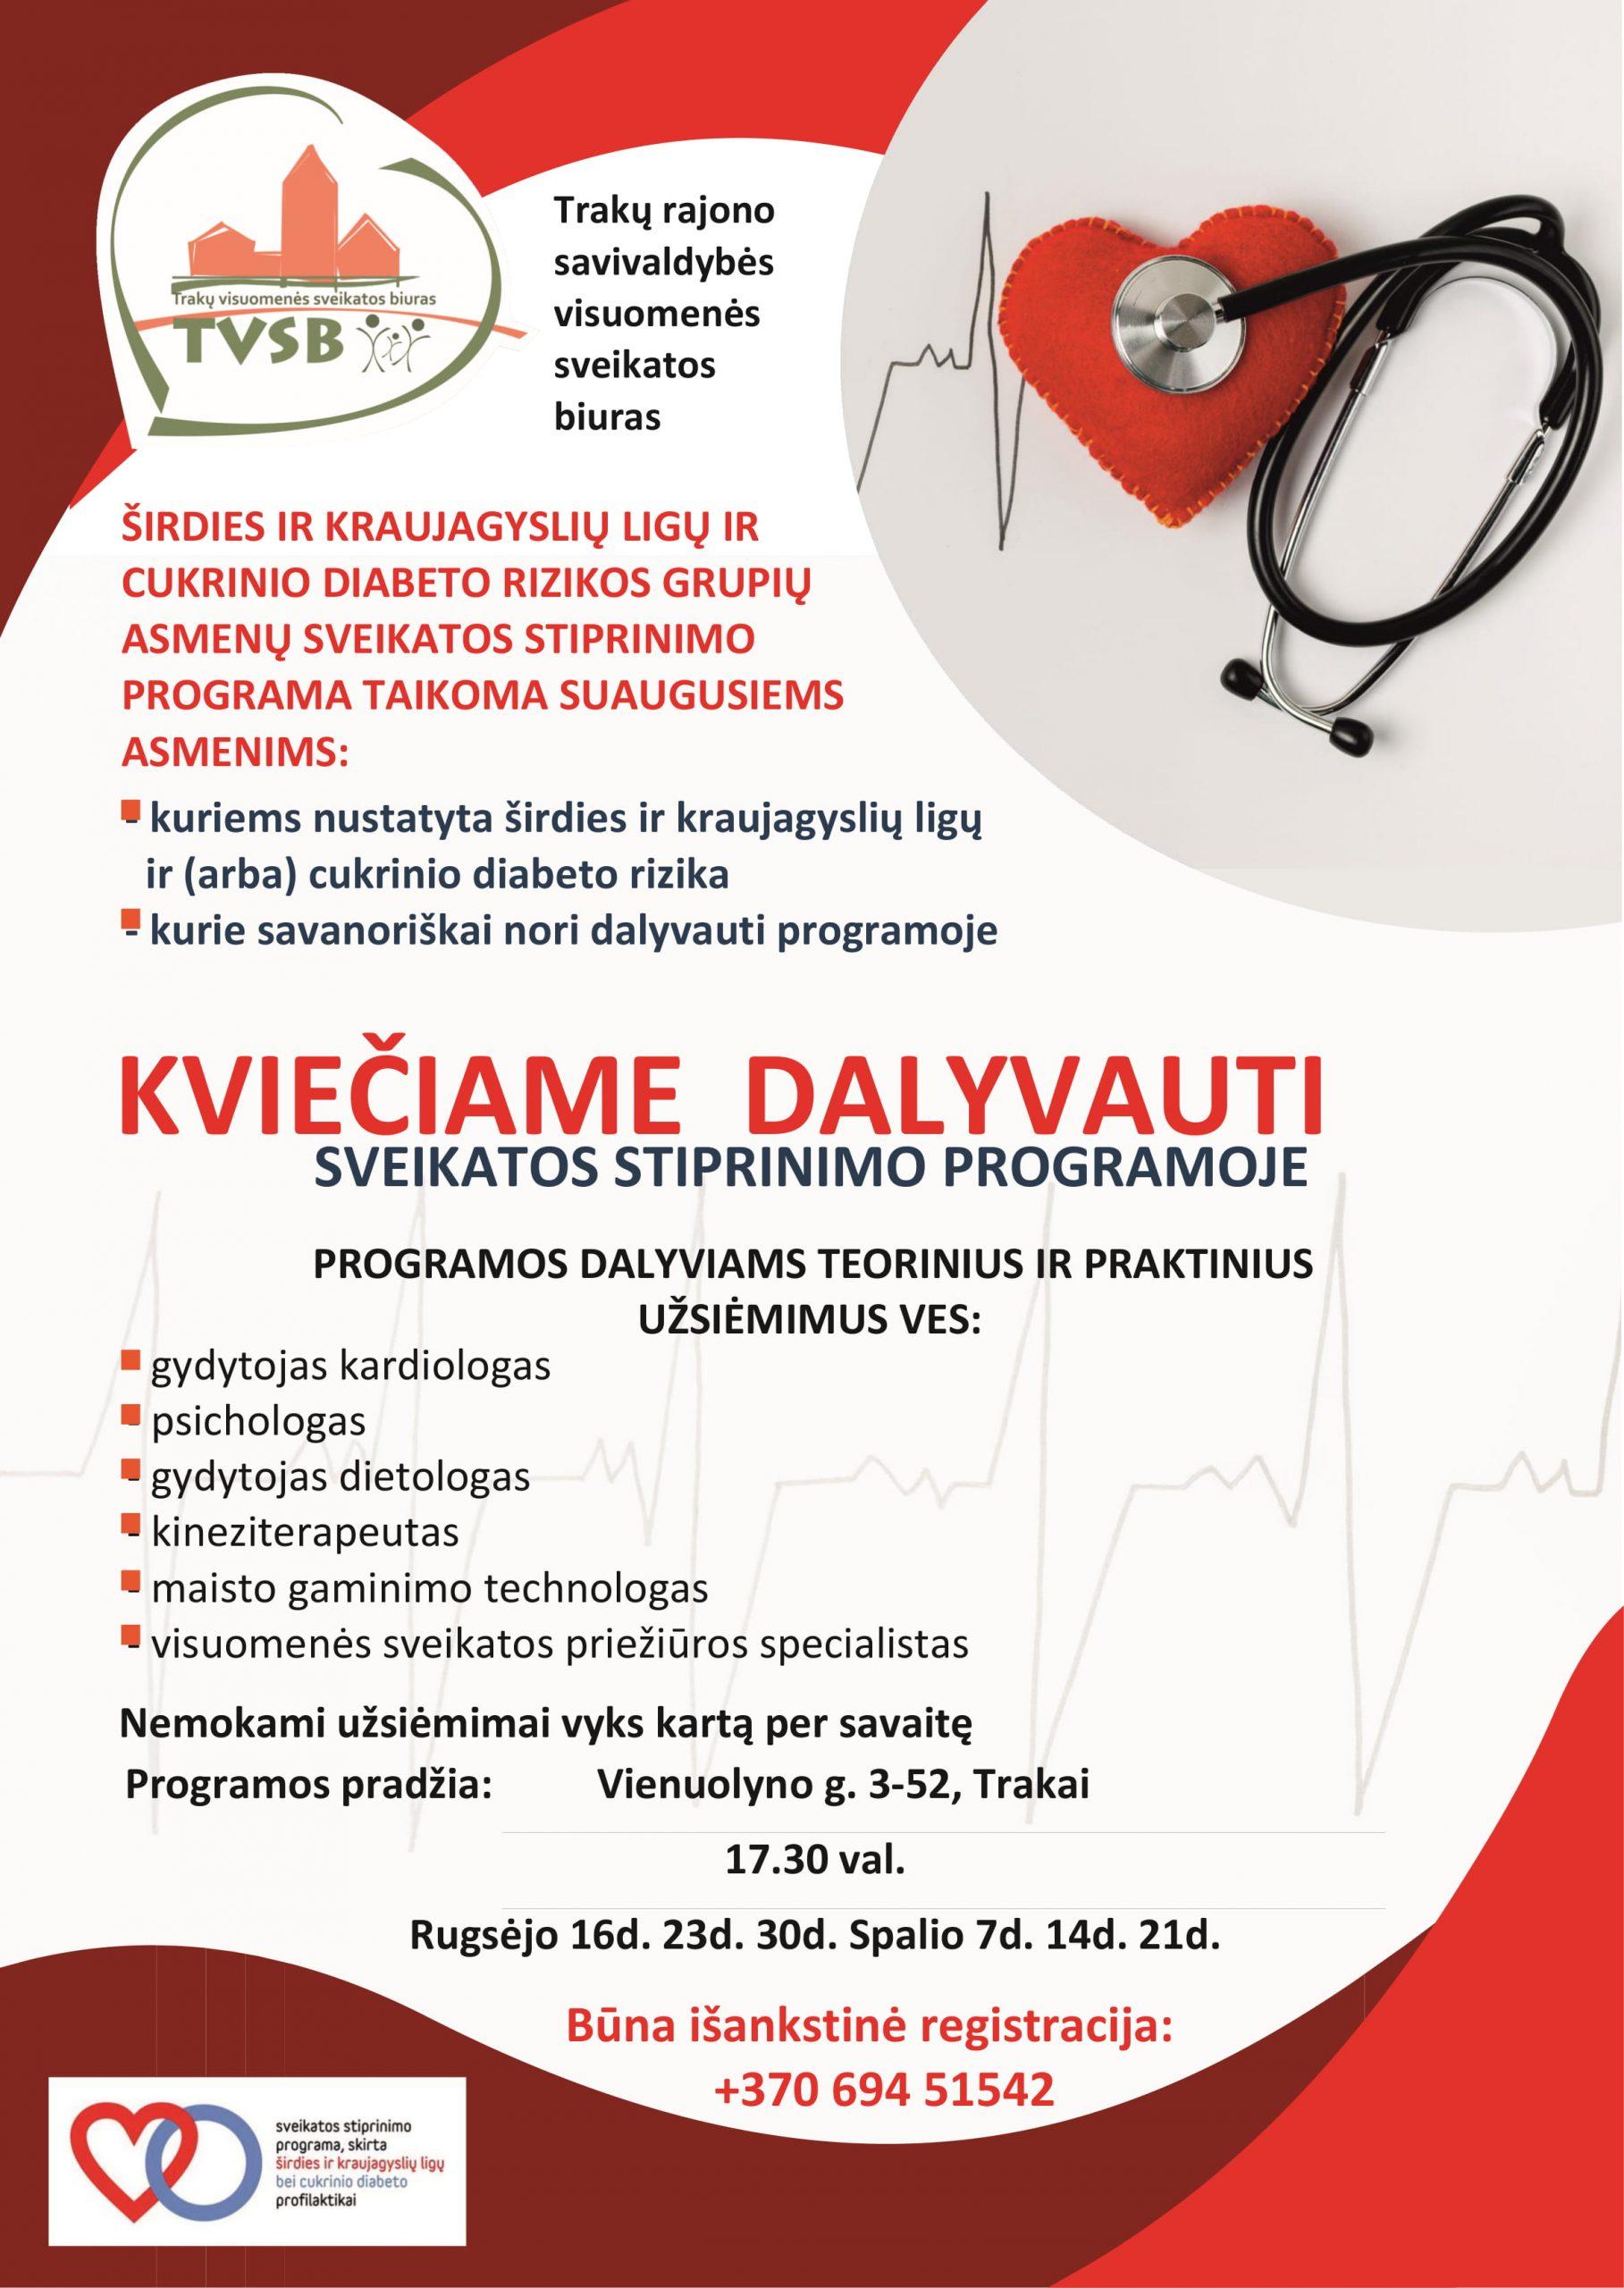 hipertenzija programoje gyventi sveikai)